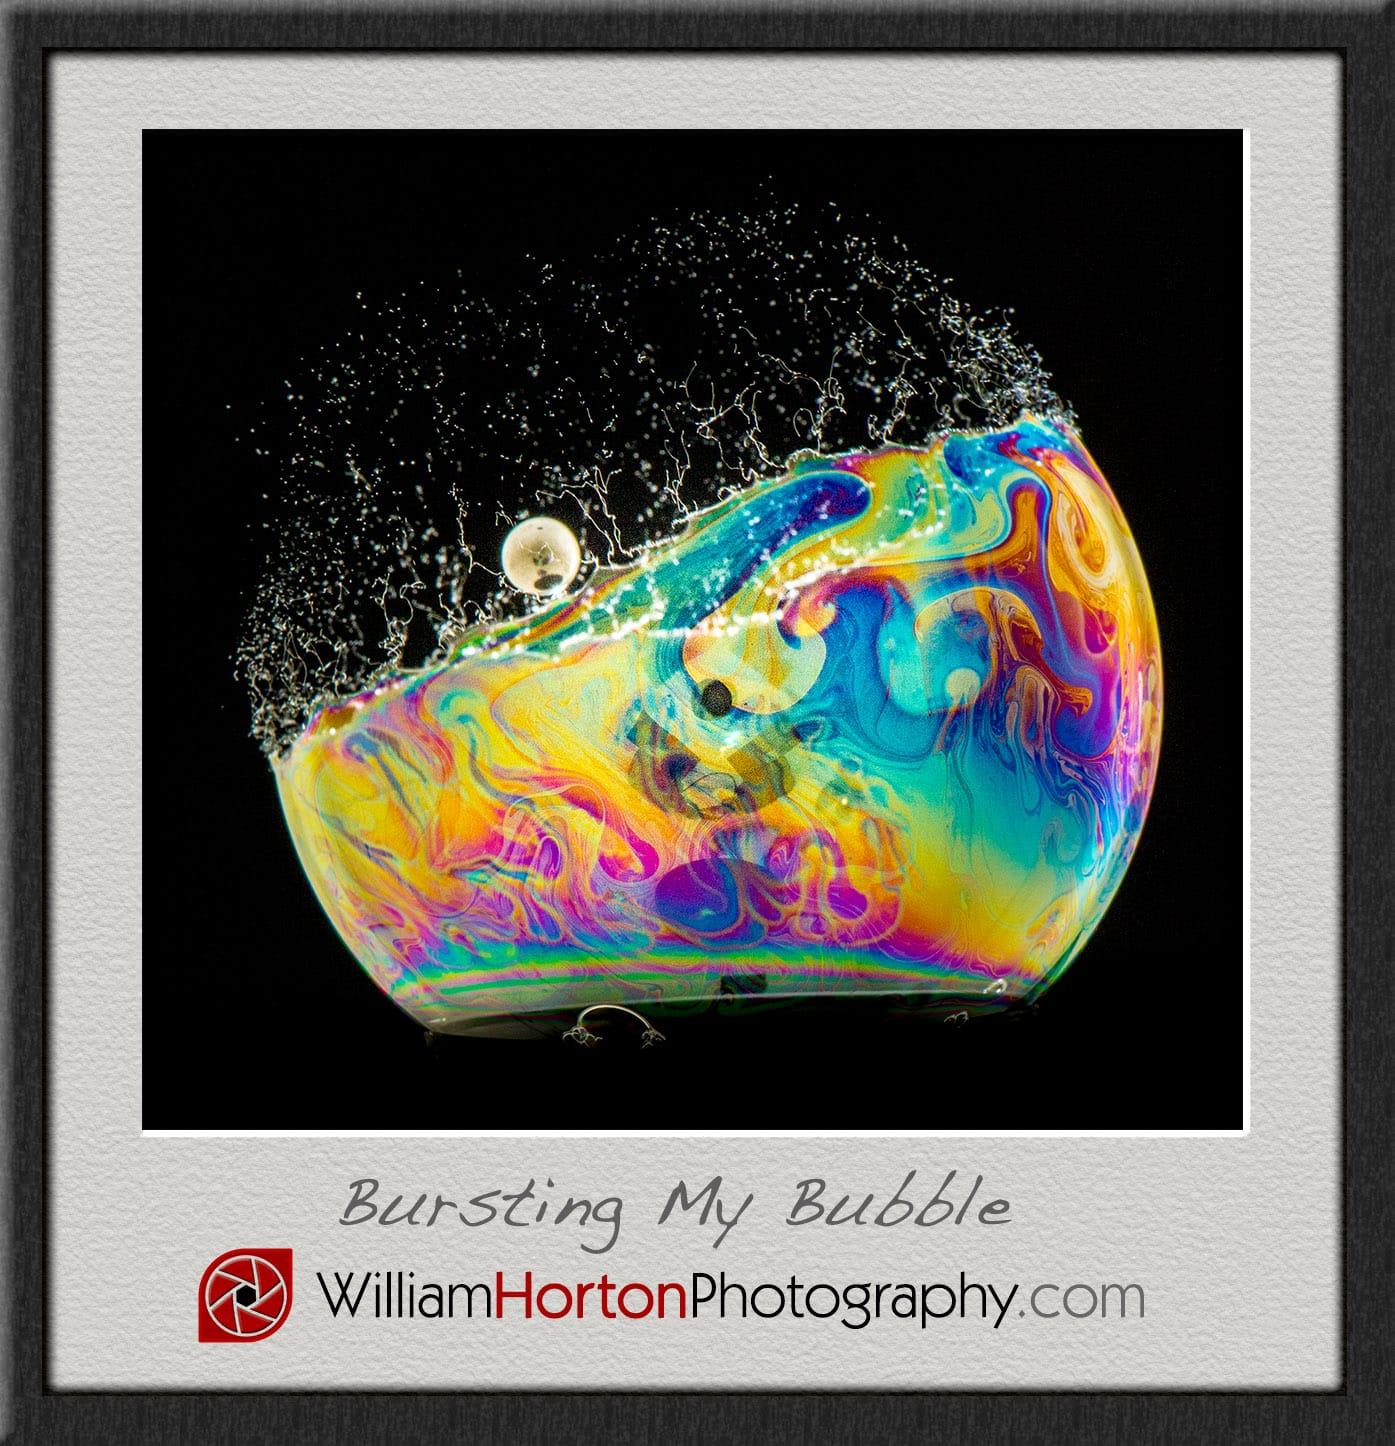 A pellet bursts a colorful bubble.